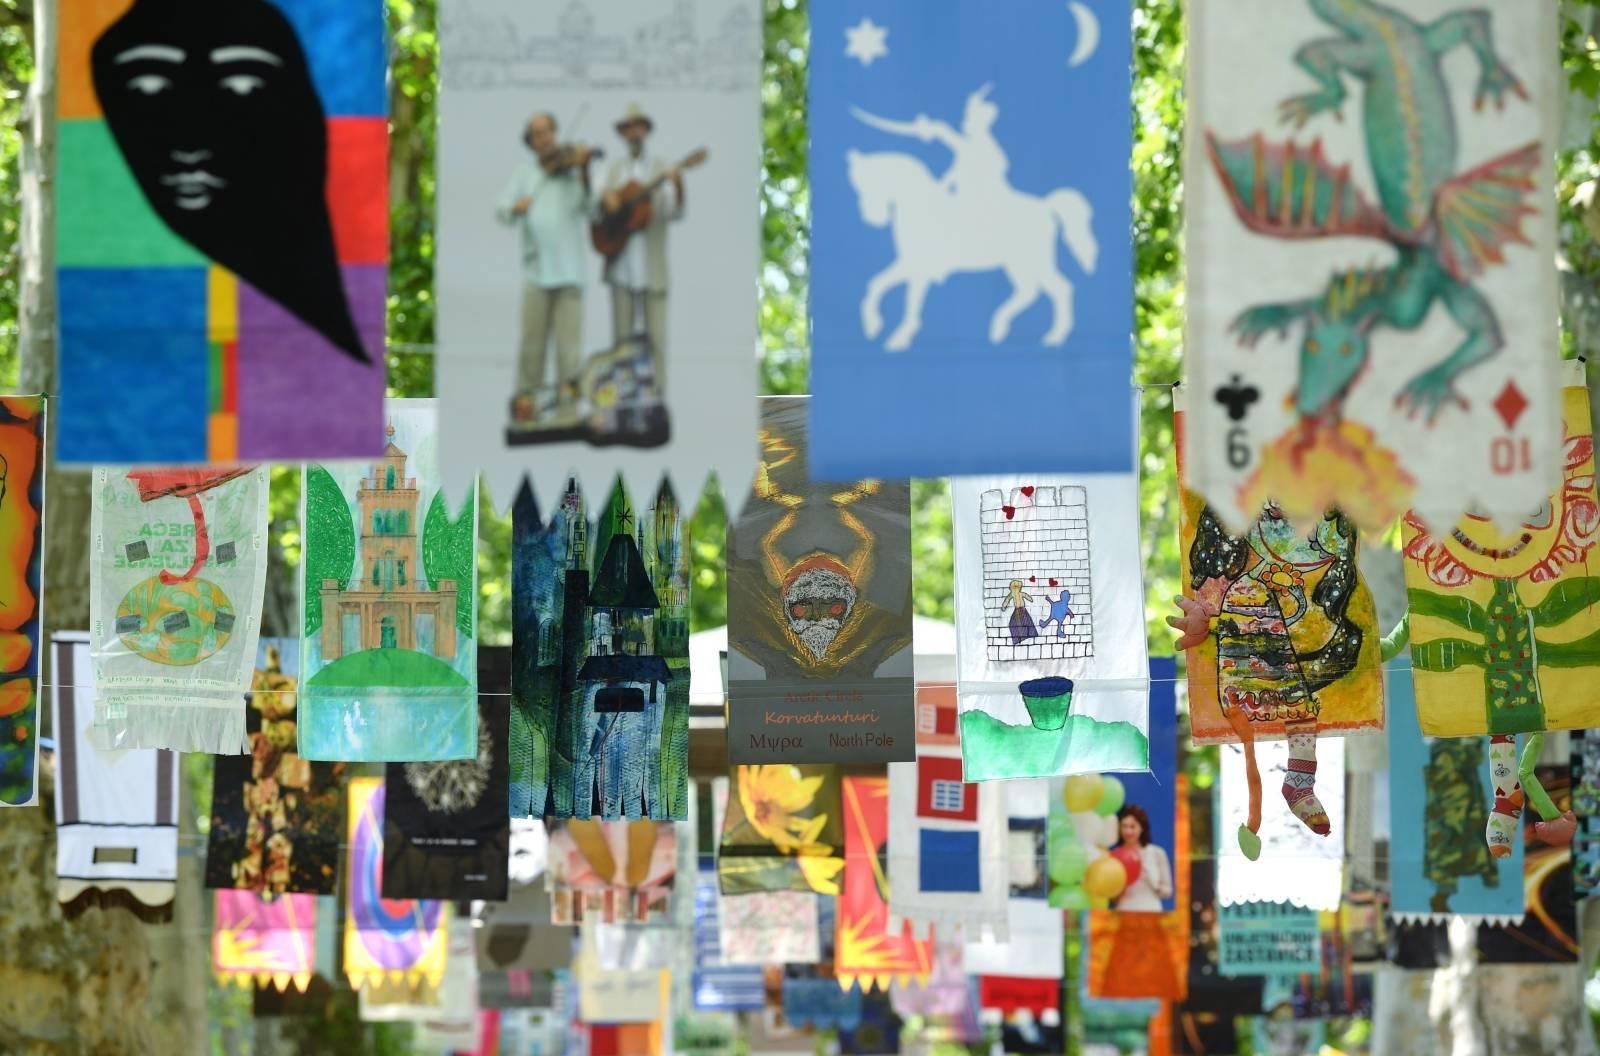 Zagreb: Cest i d'Best privukao velik broj posjetitelja na Zrinjevac